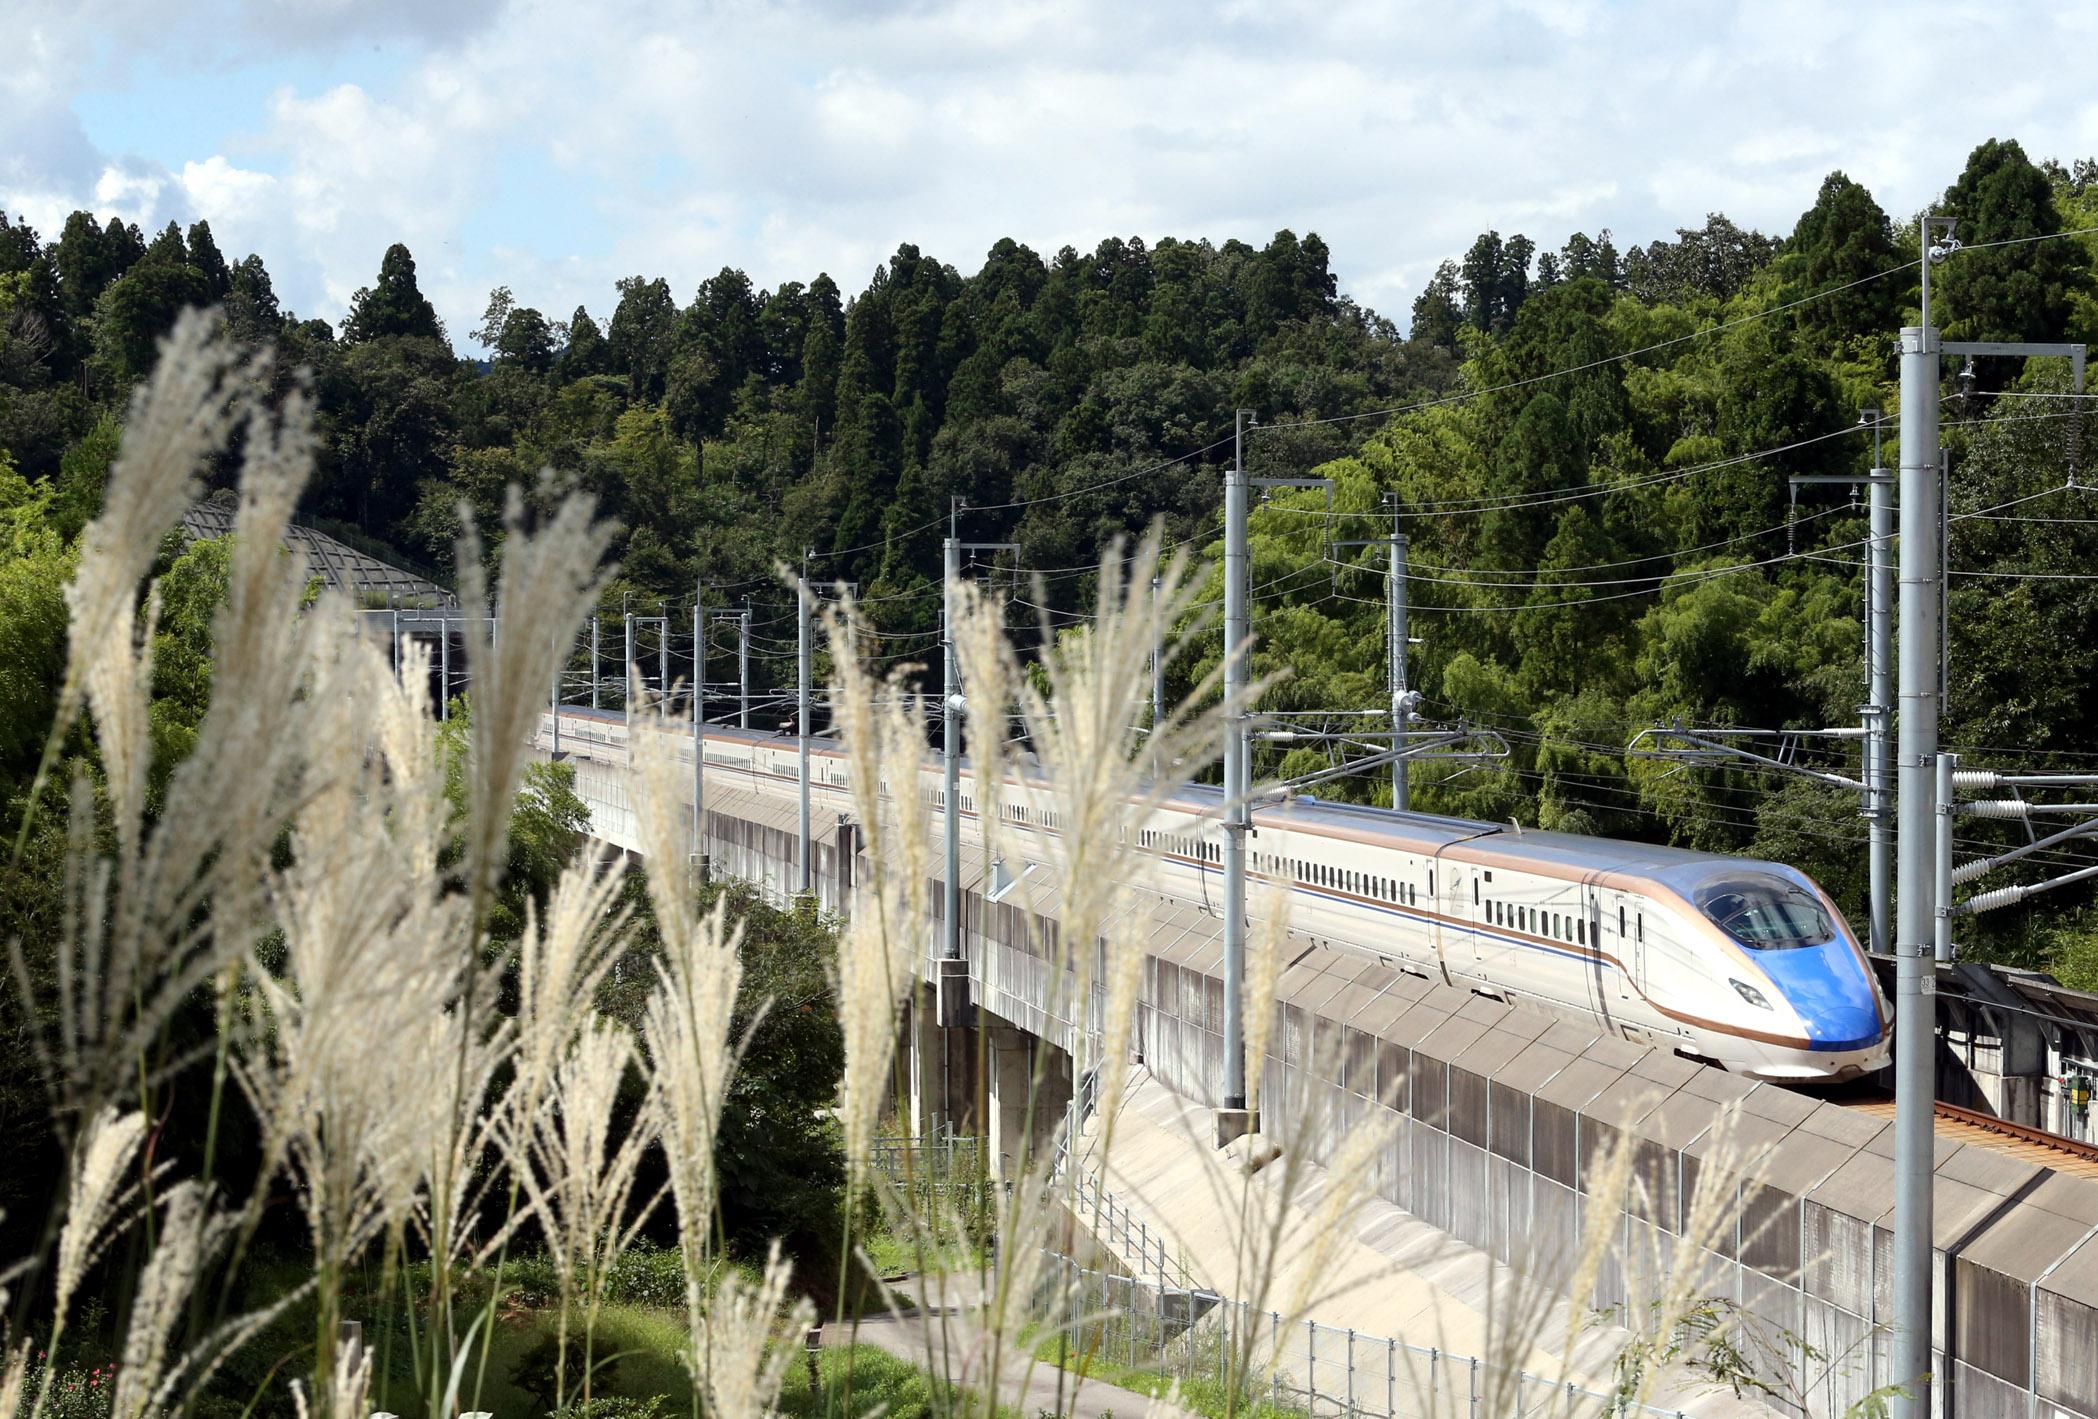 ススキが揺れる県境付近の里山を東京に向けて走行する北陸新幹線=14日午前10時17分、津幡町倉見